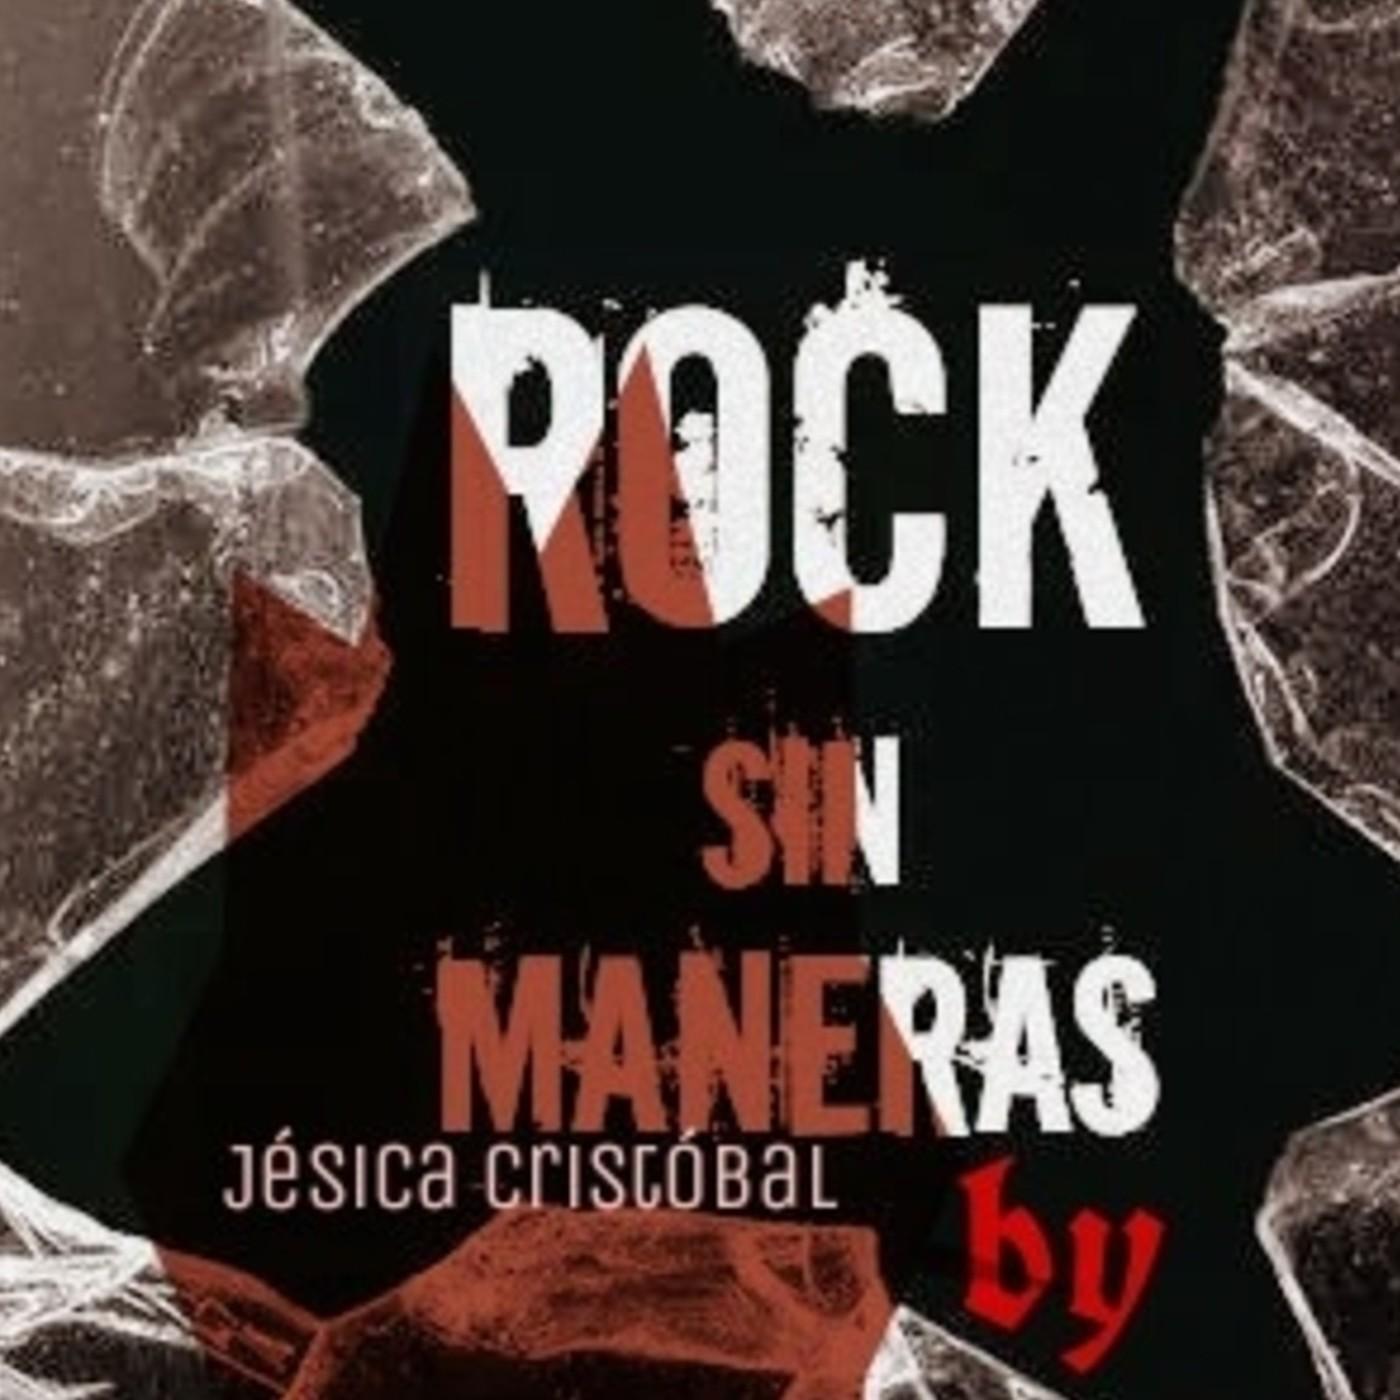 RocksinManeras 05x08: entrevista a XpresidentX